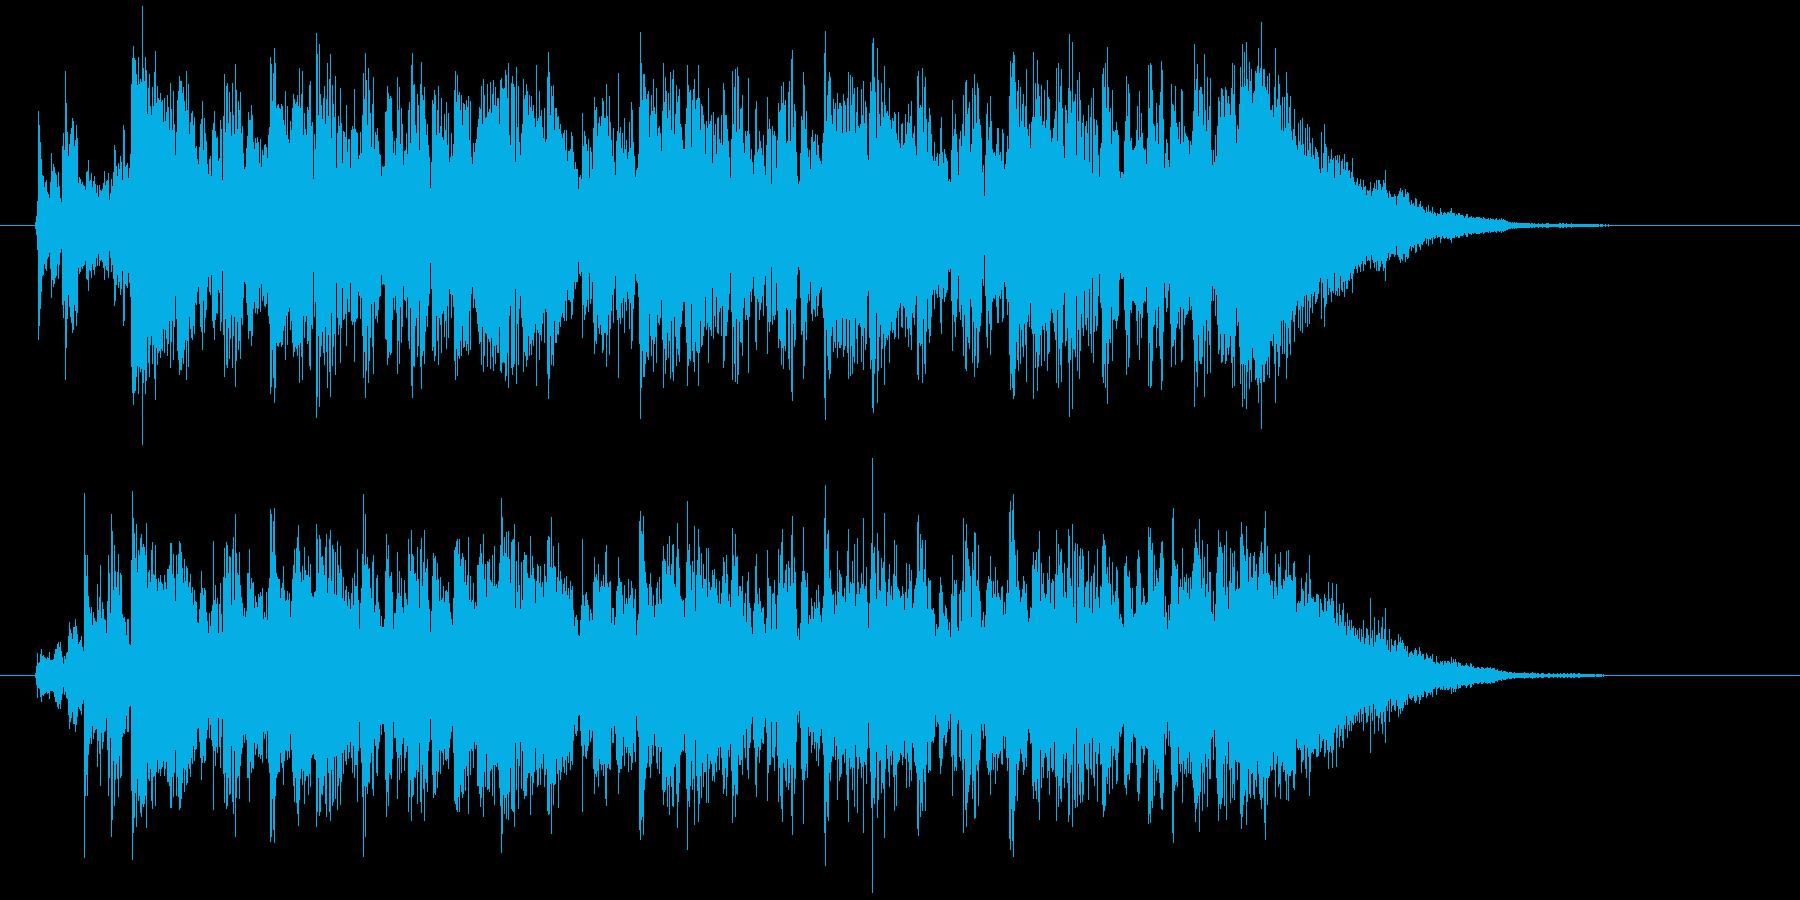 切なくピアノが印象的なBGMの再生済みの波形